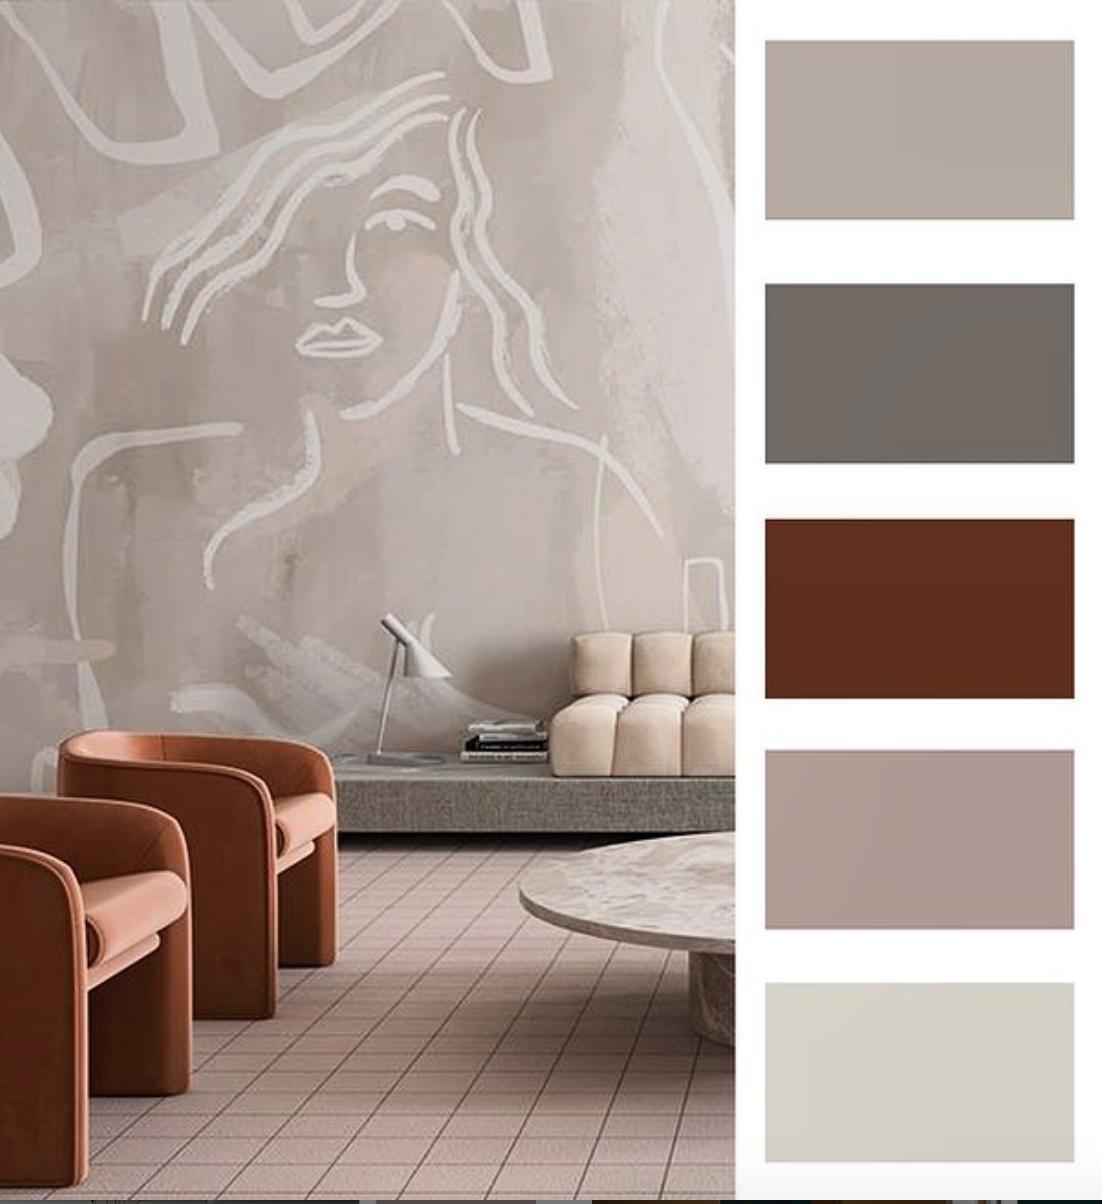 Farebné kombinácie - inšpirácie do interiéru - Obrázok č. 63